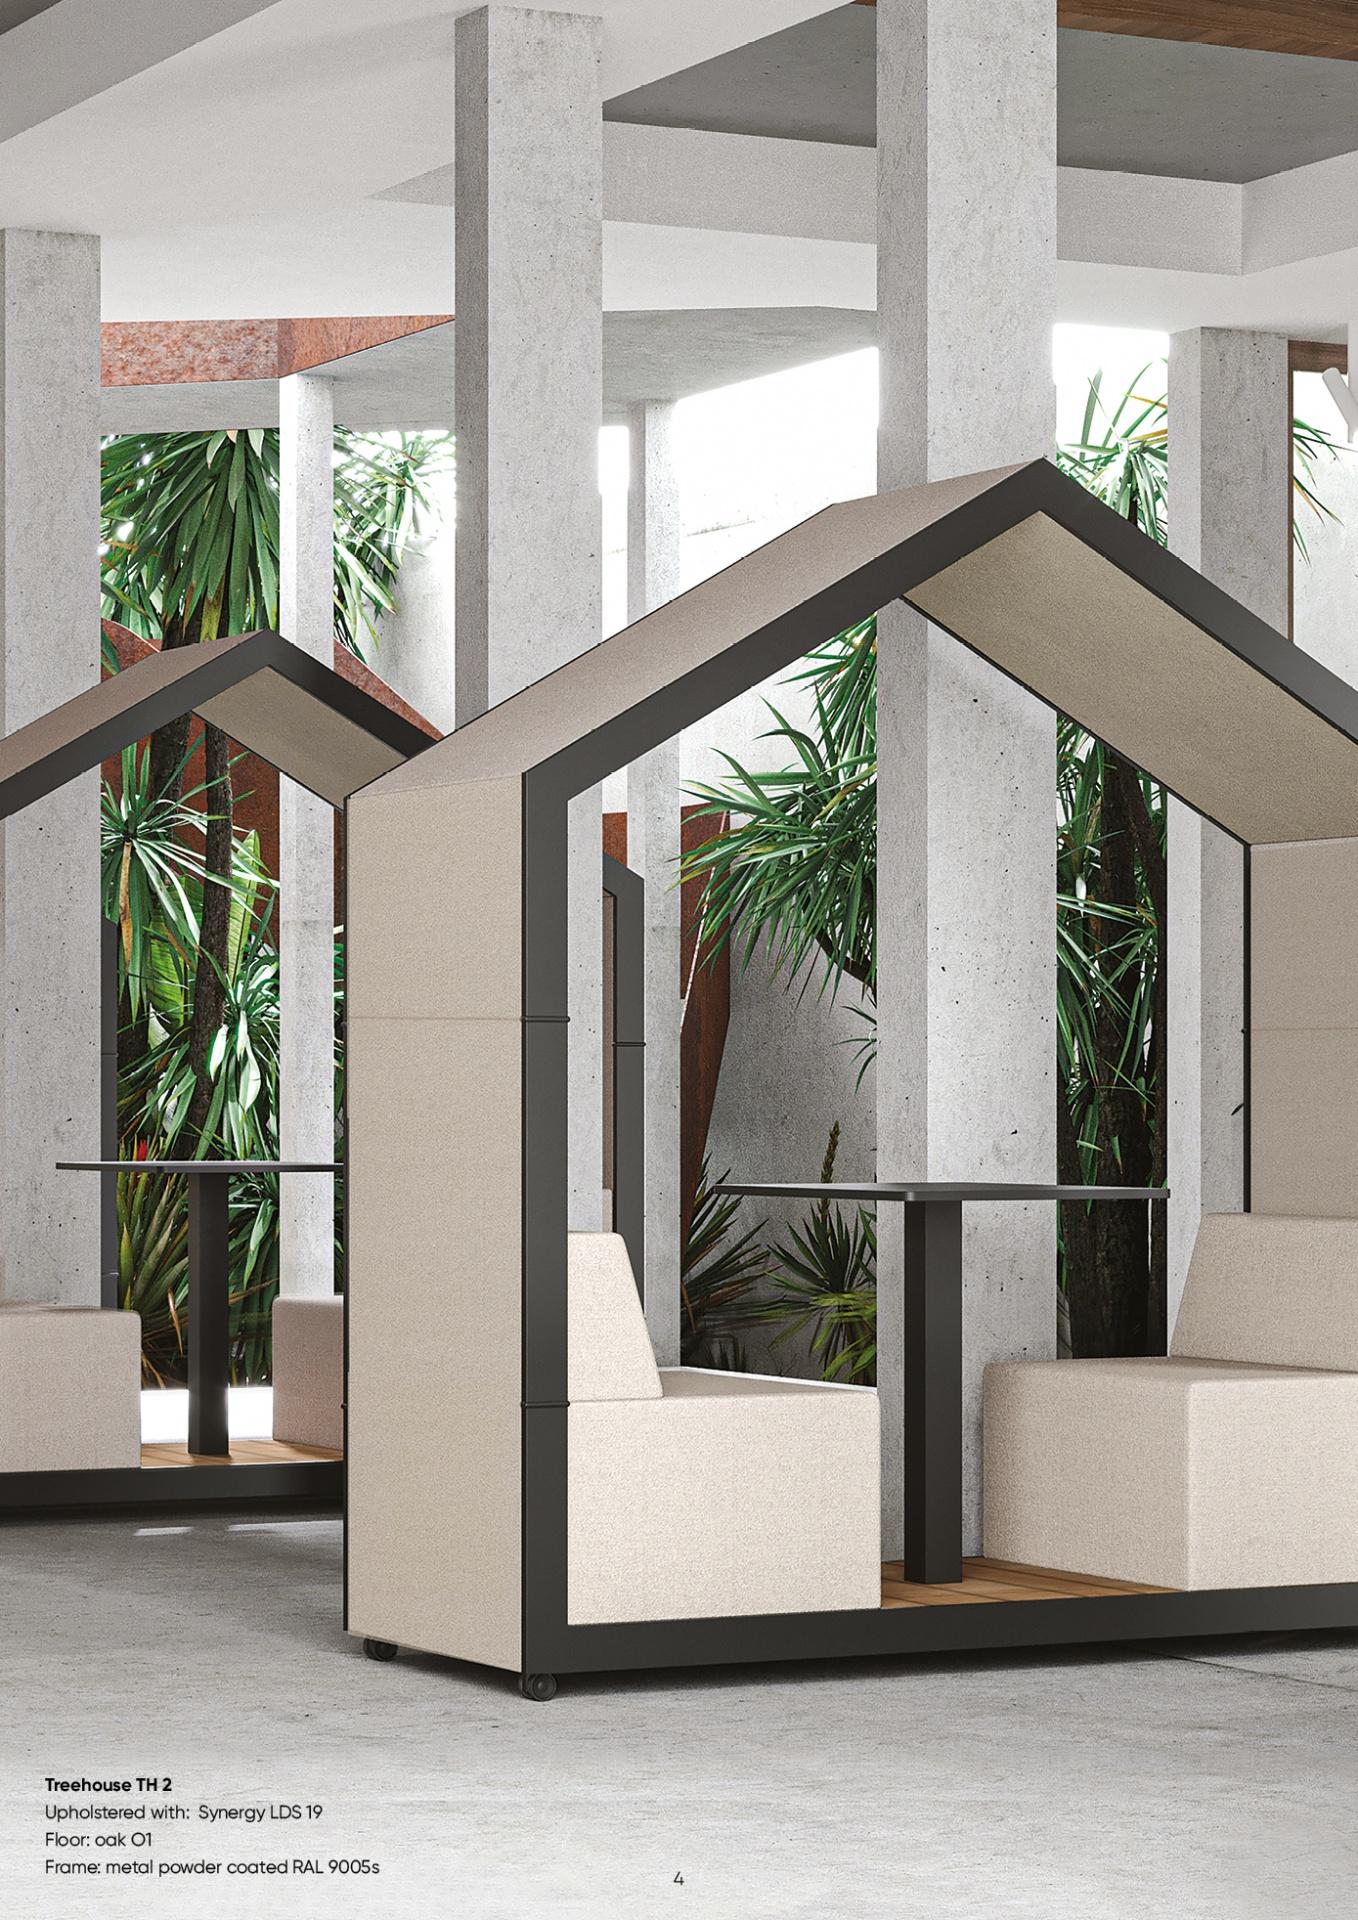 treehouse-catalogue-4.jpg